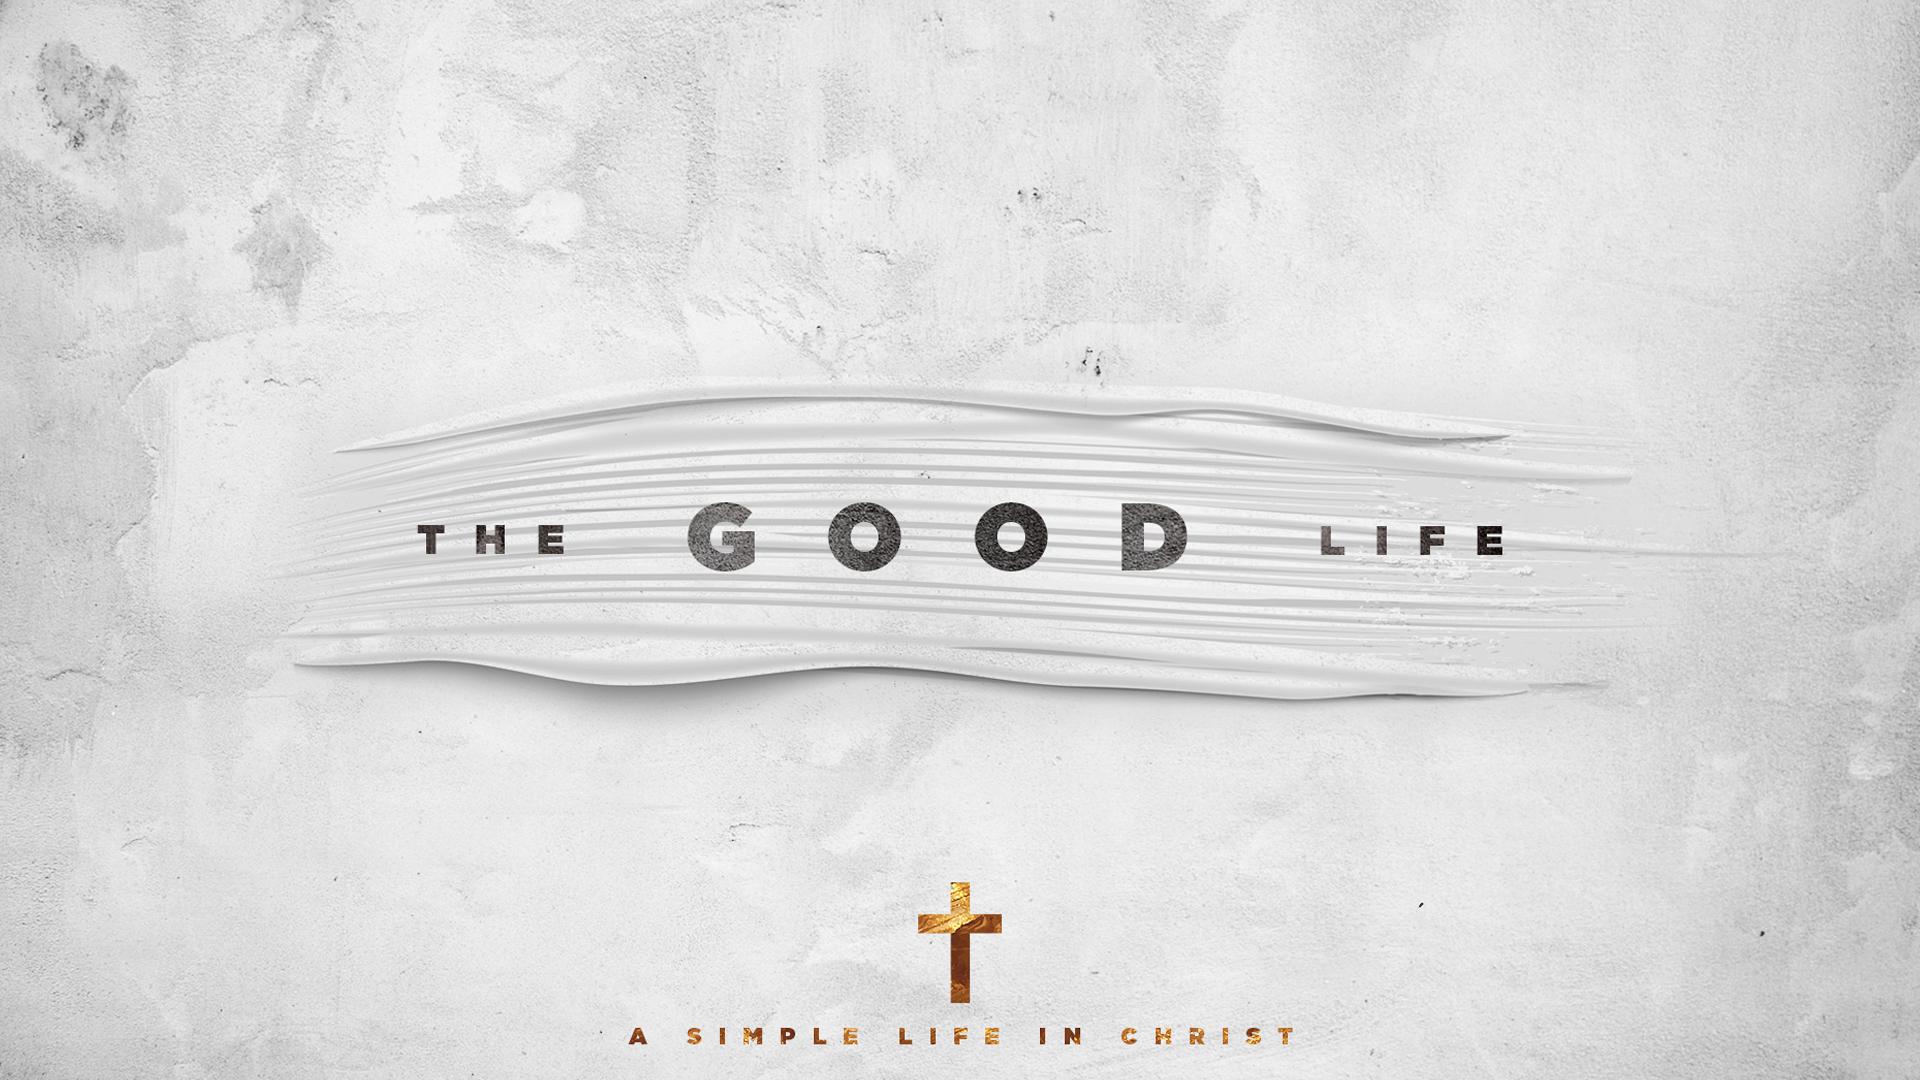 The-Good-Life_Title Slide.jpg